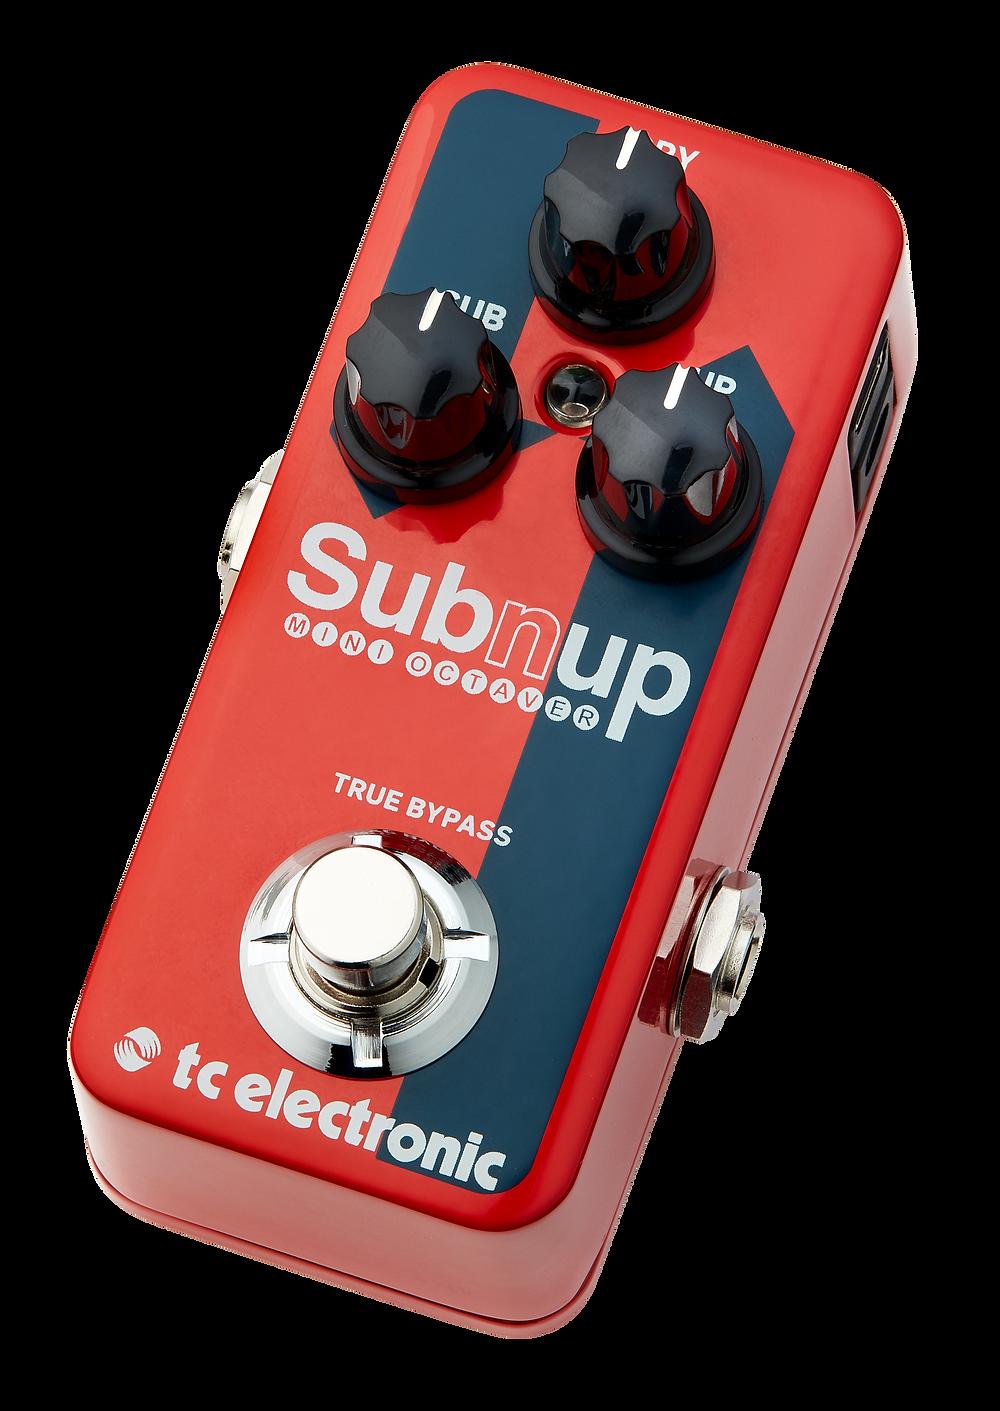 TC Electronic Sub n up mini octave pedal